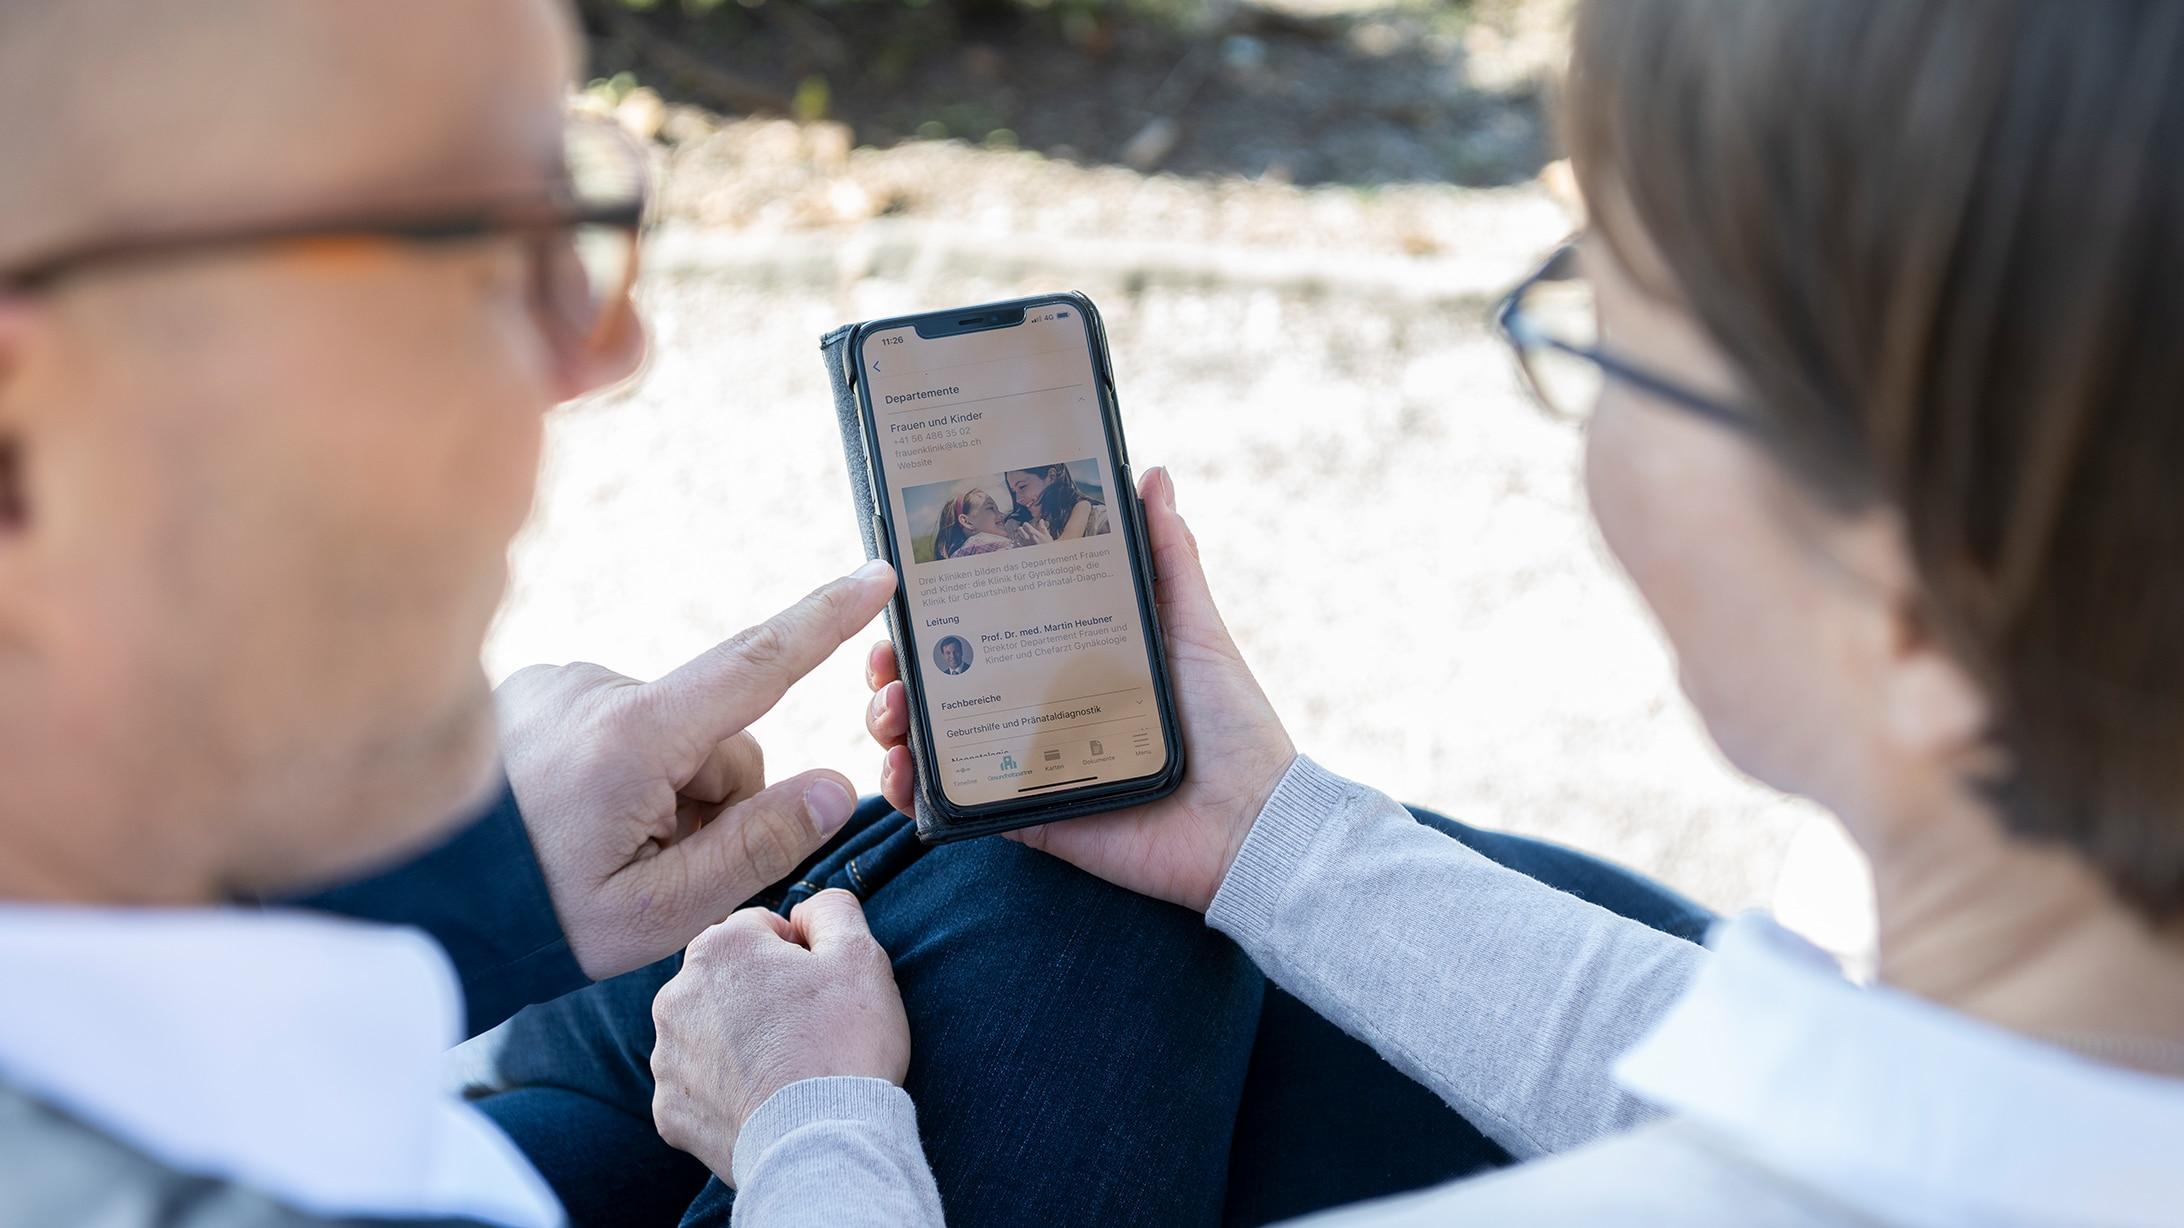 Zwei Personen schauen auf ein Smartphone mit der Hey Patient App und reden miteinander.